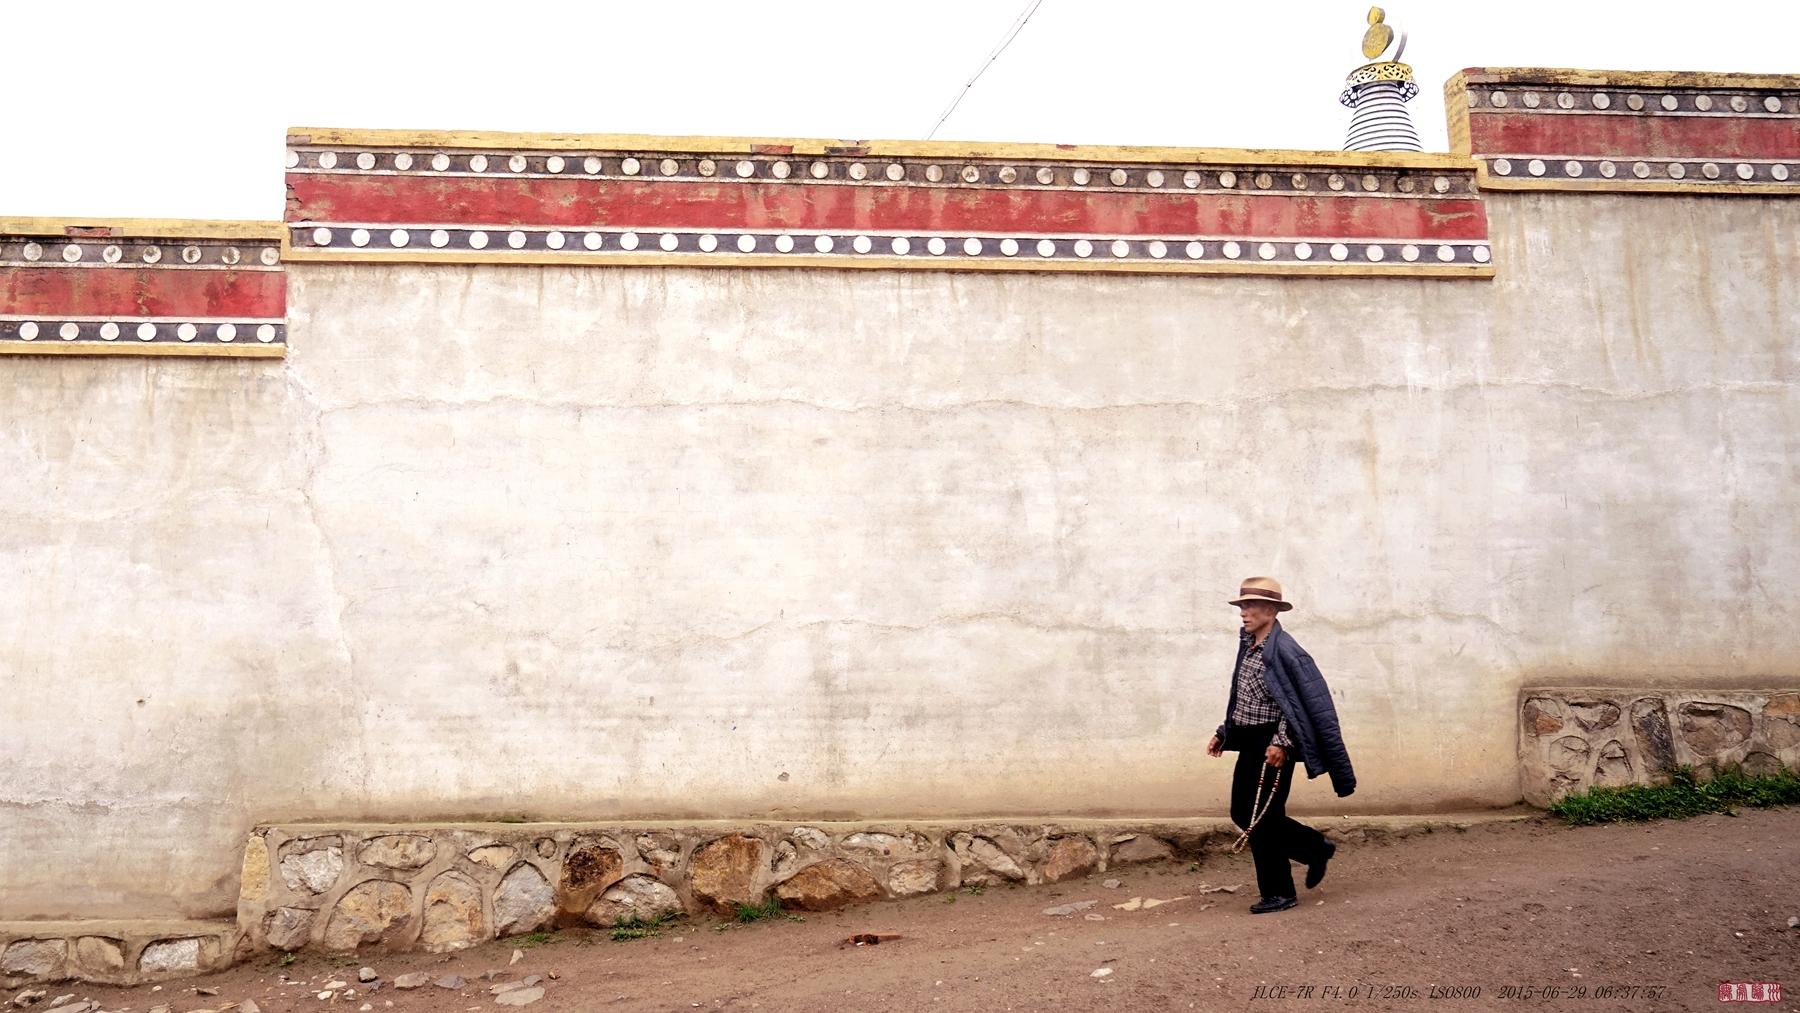 无处归州作品:走在寺院墙外 2